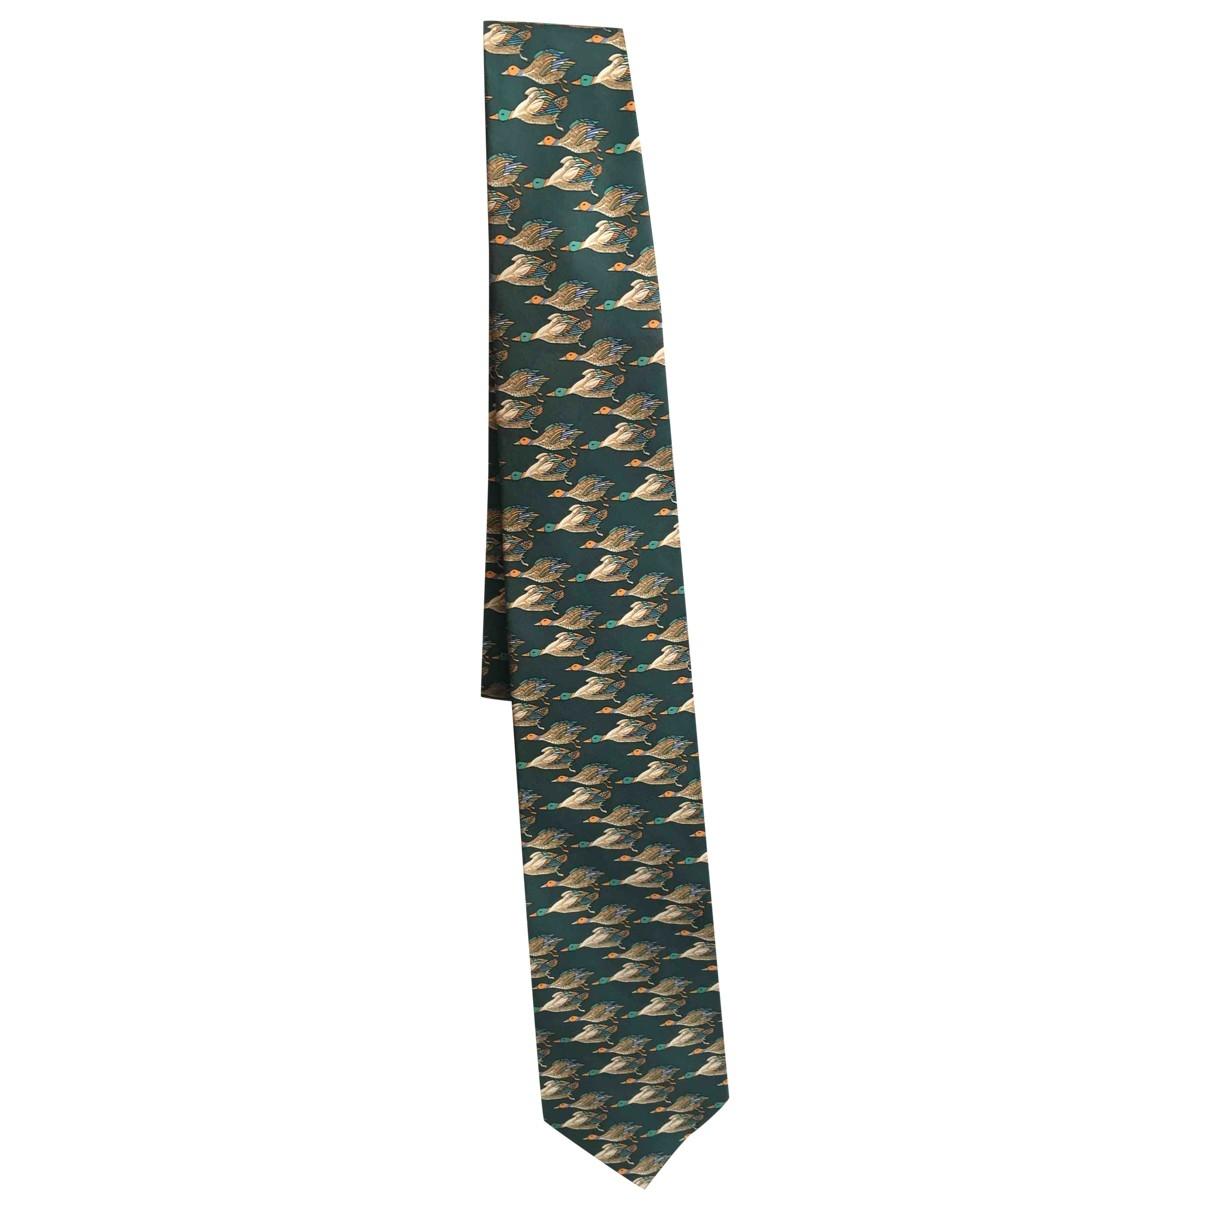 Salvatore Ferragamo - Cravates   pour homme en soie - vert